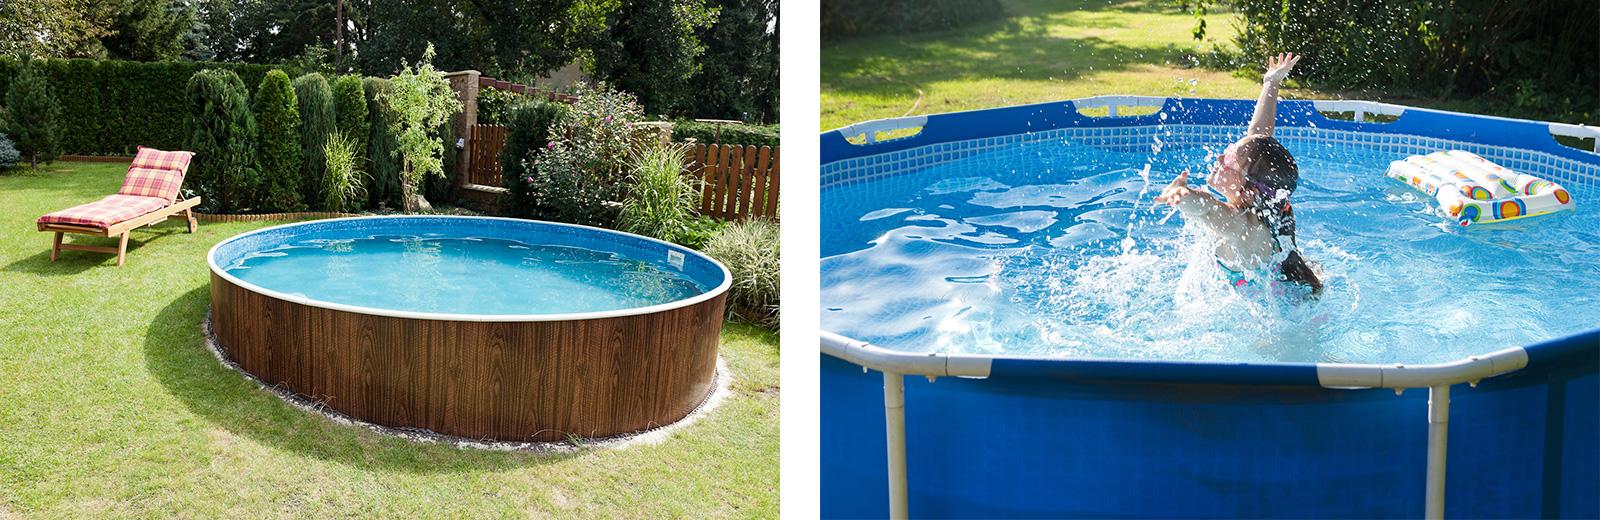 Aufstellpool: Fest installiert (rechts) oder als temporärer Pop-Up-Pool (rechts)